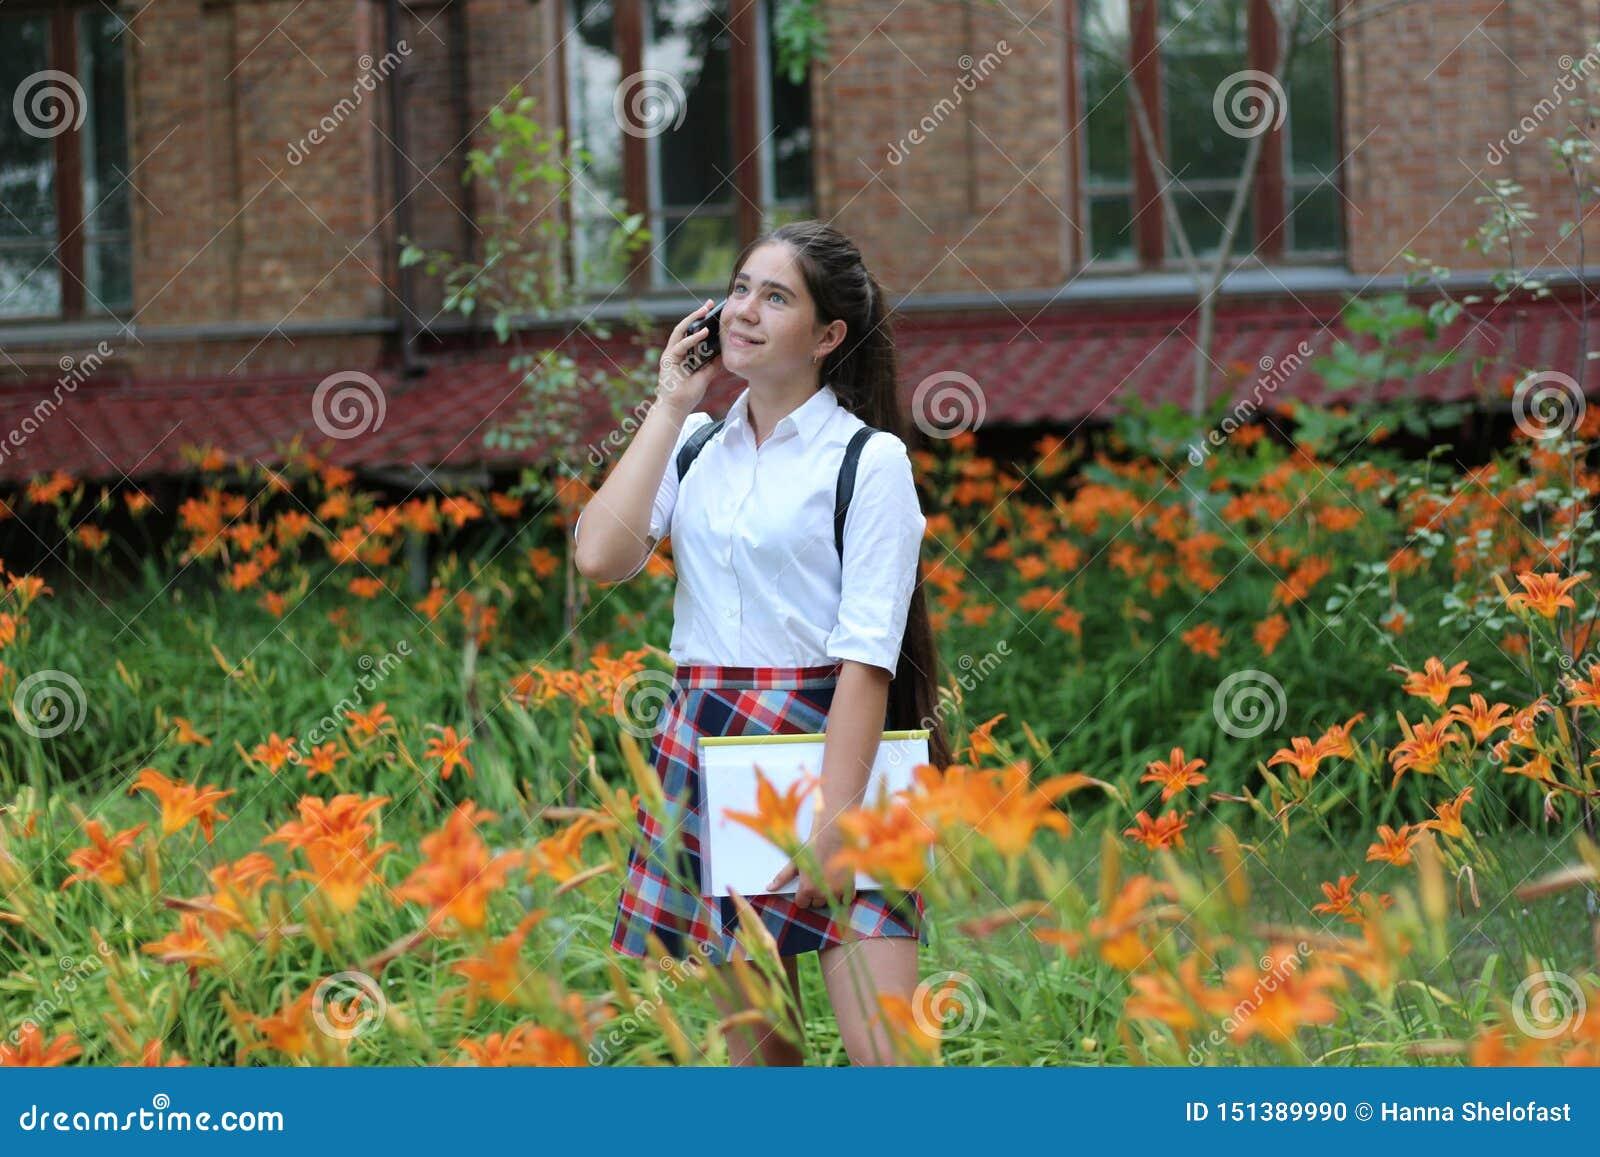 Uczennicy dziewczyna opowiada na telefonie z długie włosy w mundurku szkolnym